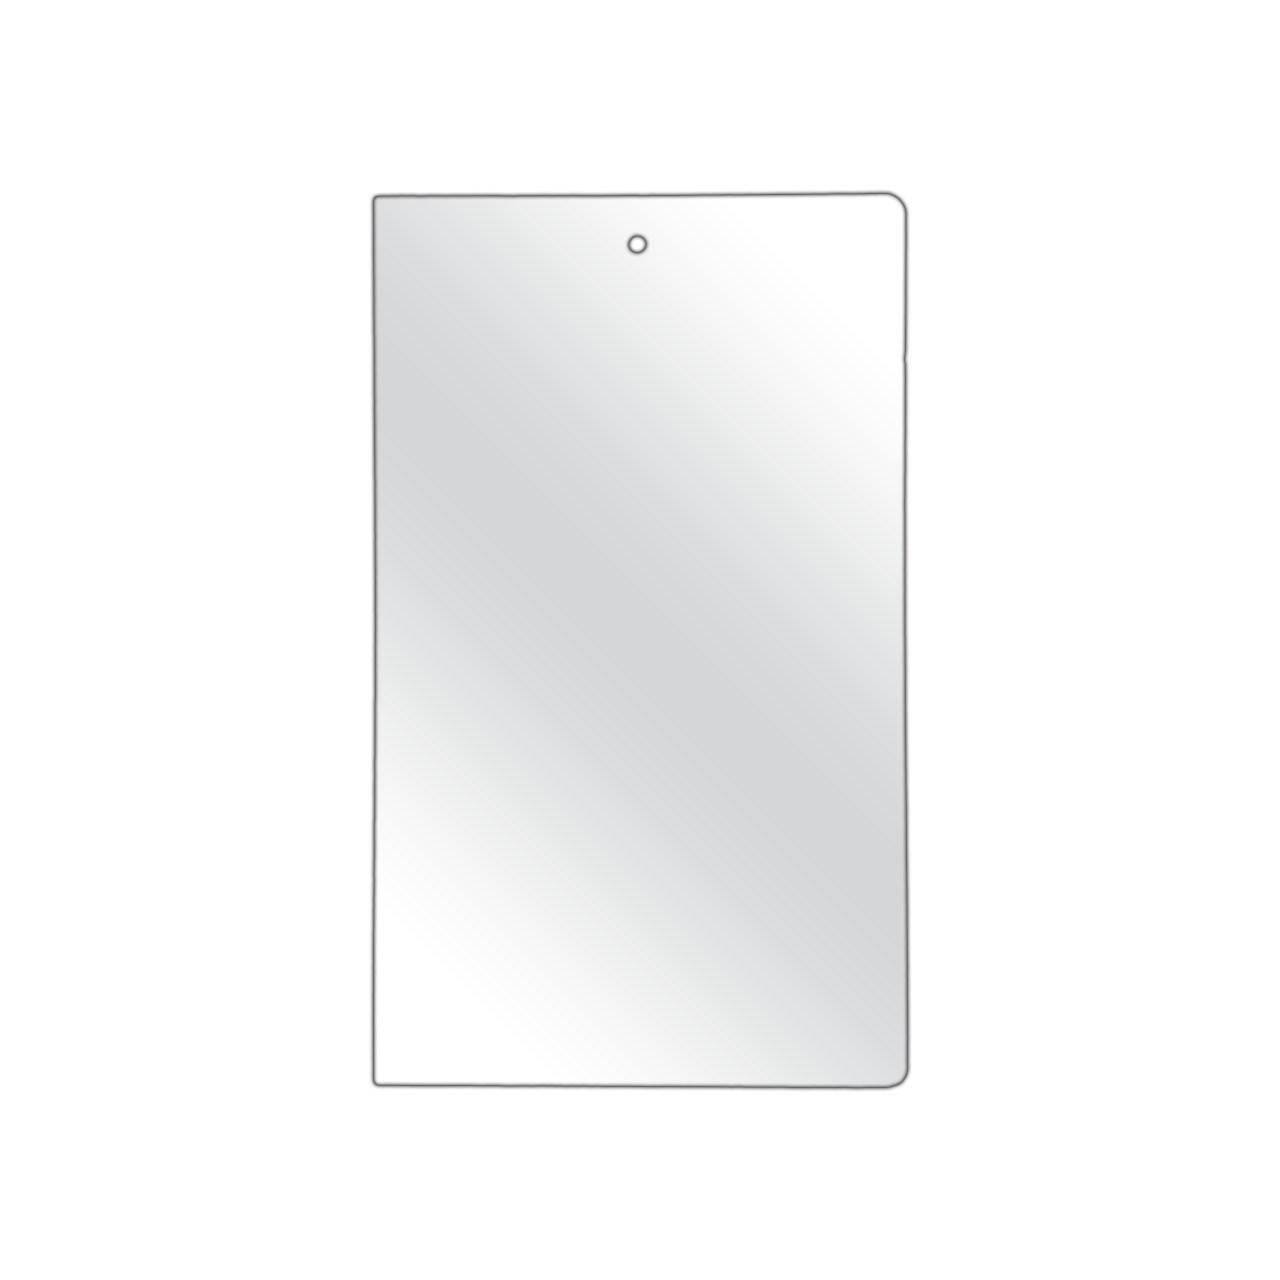 محافظ صفحه نمایش مولتی نانو مناسب برای تبلت لنوو اس 6000